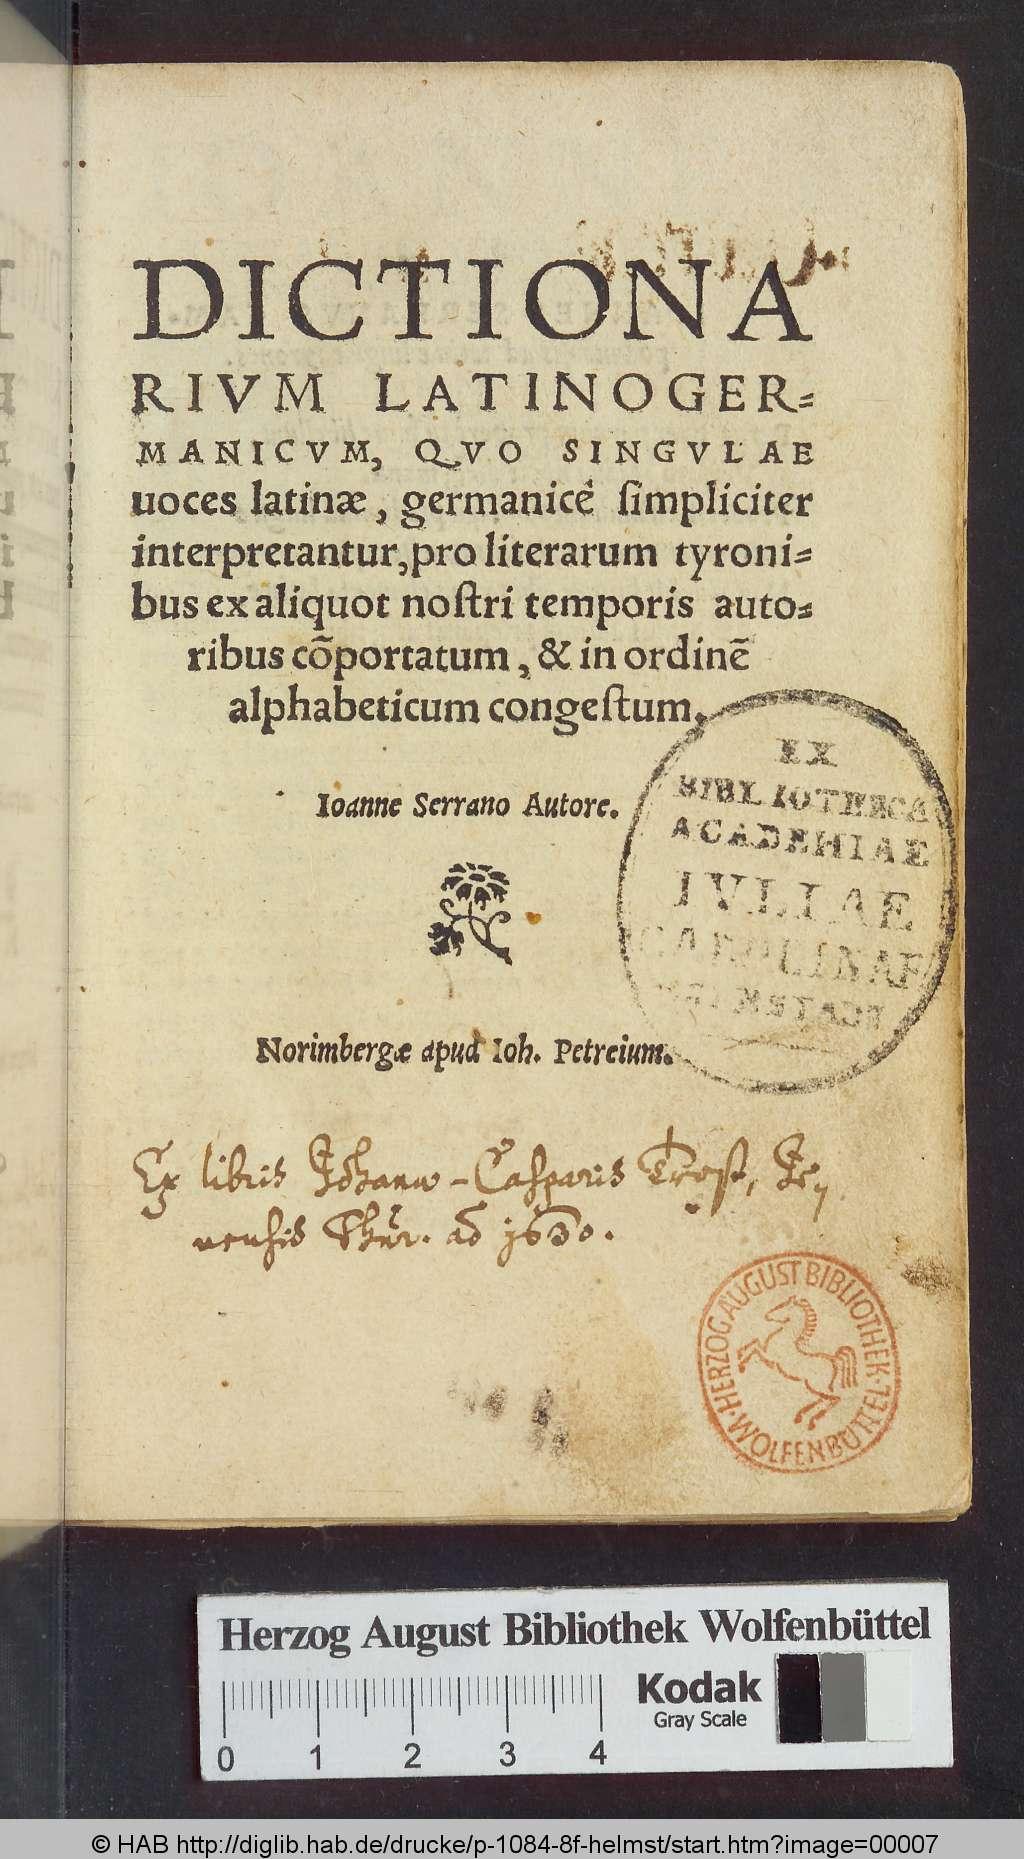 http://diglib.hab.de/drucke/p-1084-8f-helmst/00007.jpg